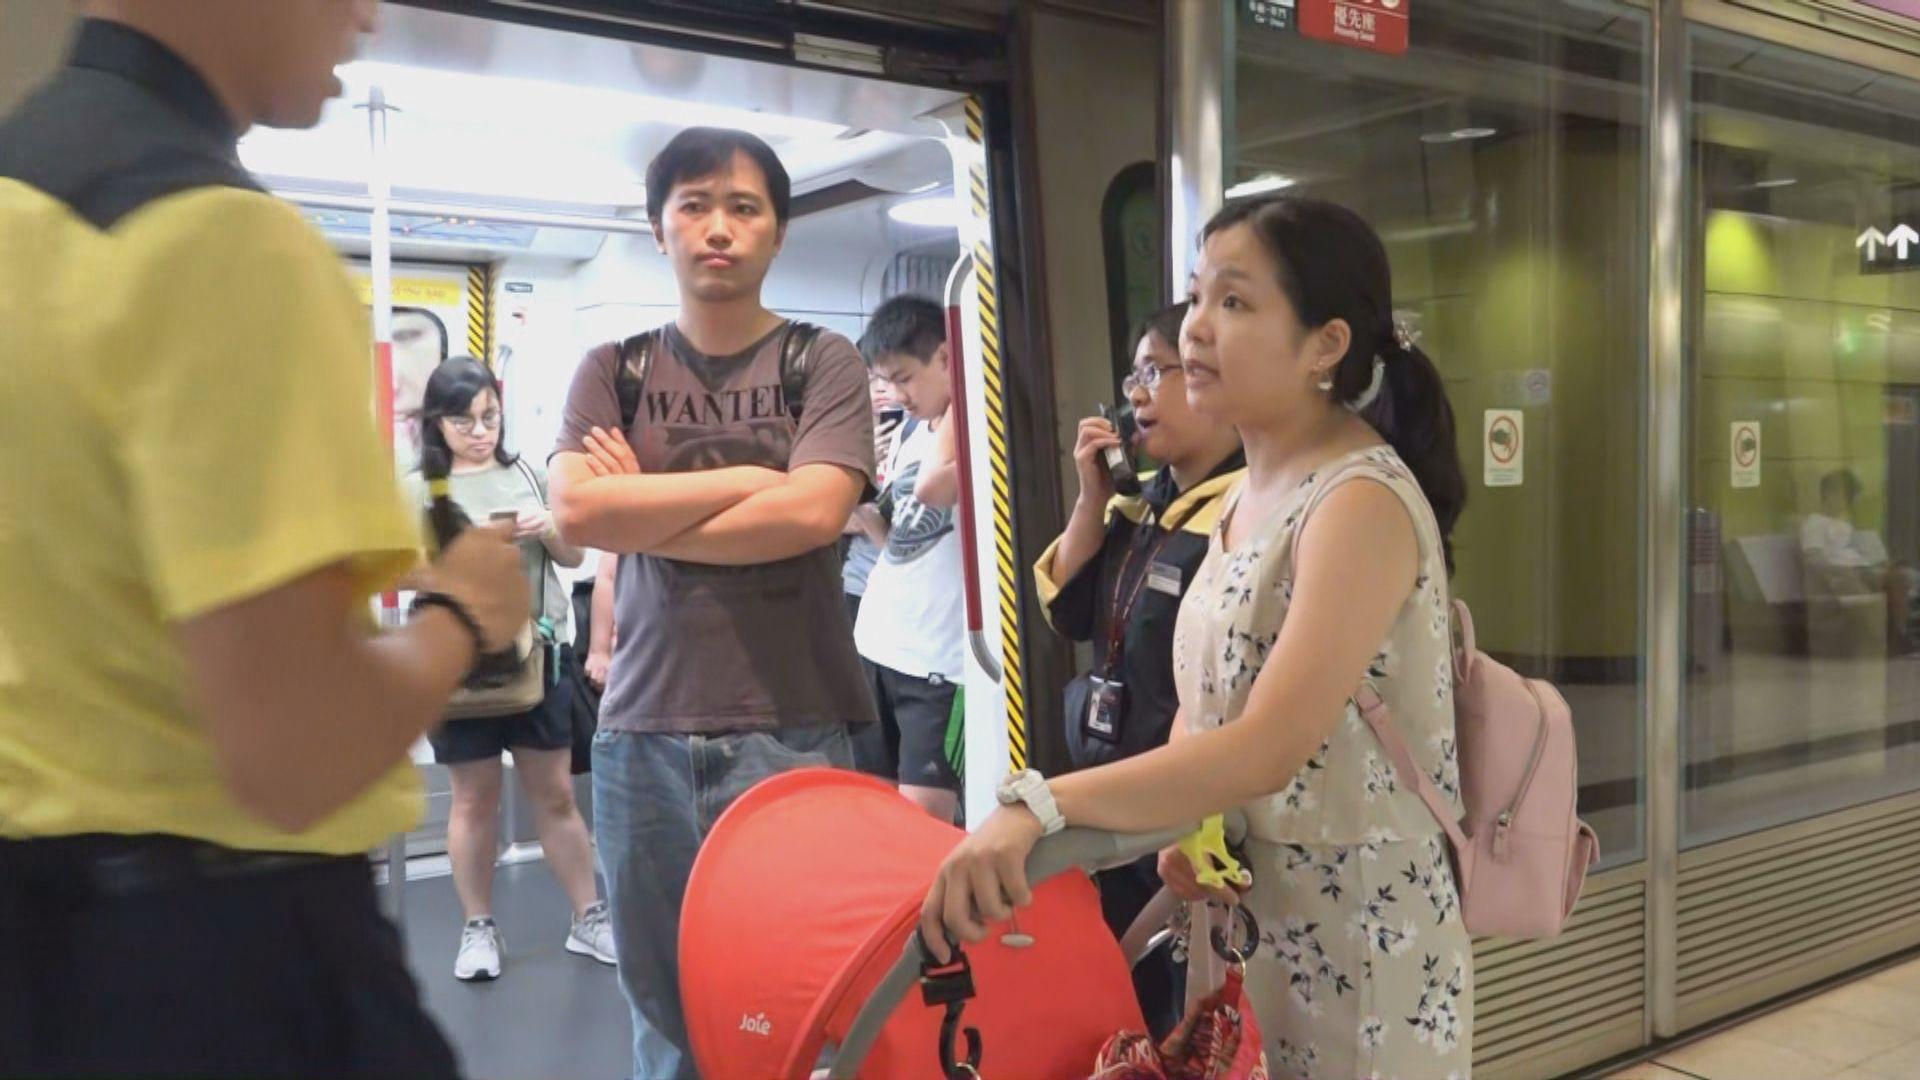 有市民批評港鐵關閉車站是反應過敏